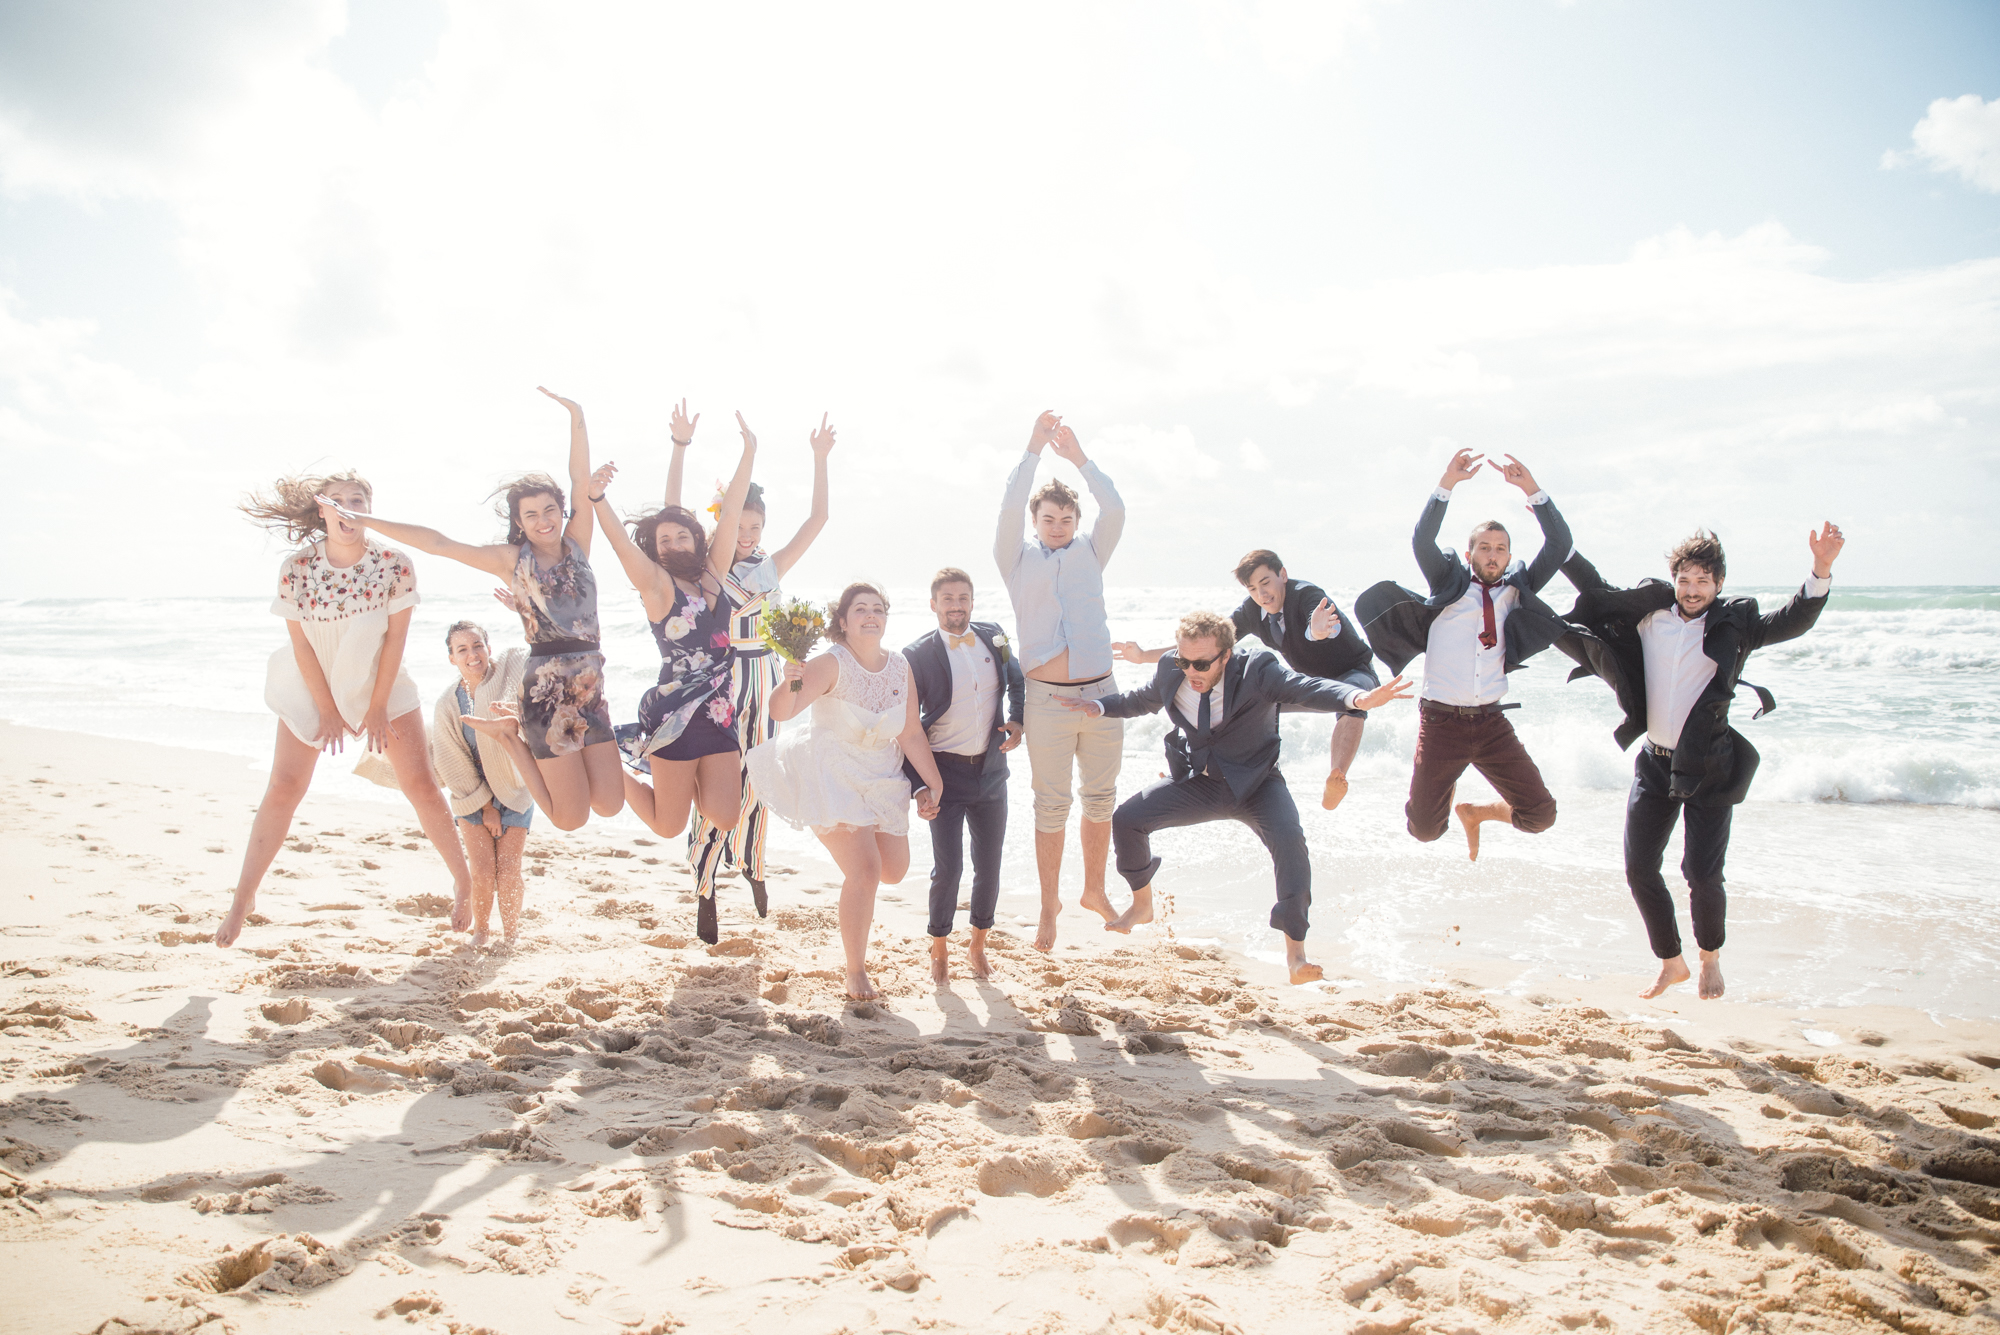 Mon mariage civil au bord de l'océan : nos photos de groupe sur la plage